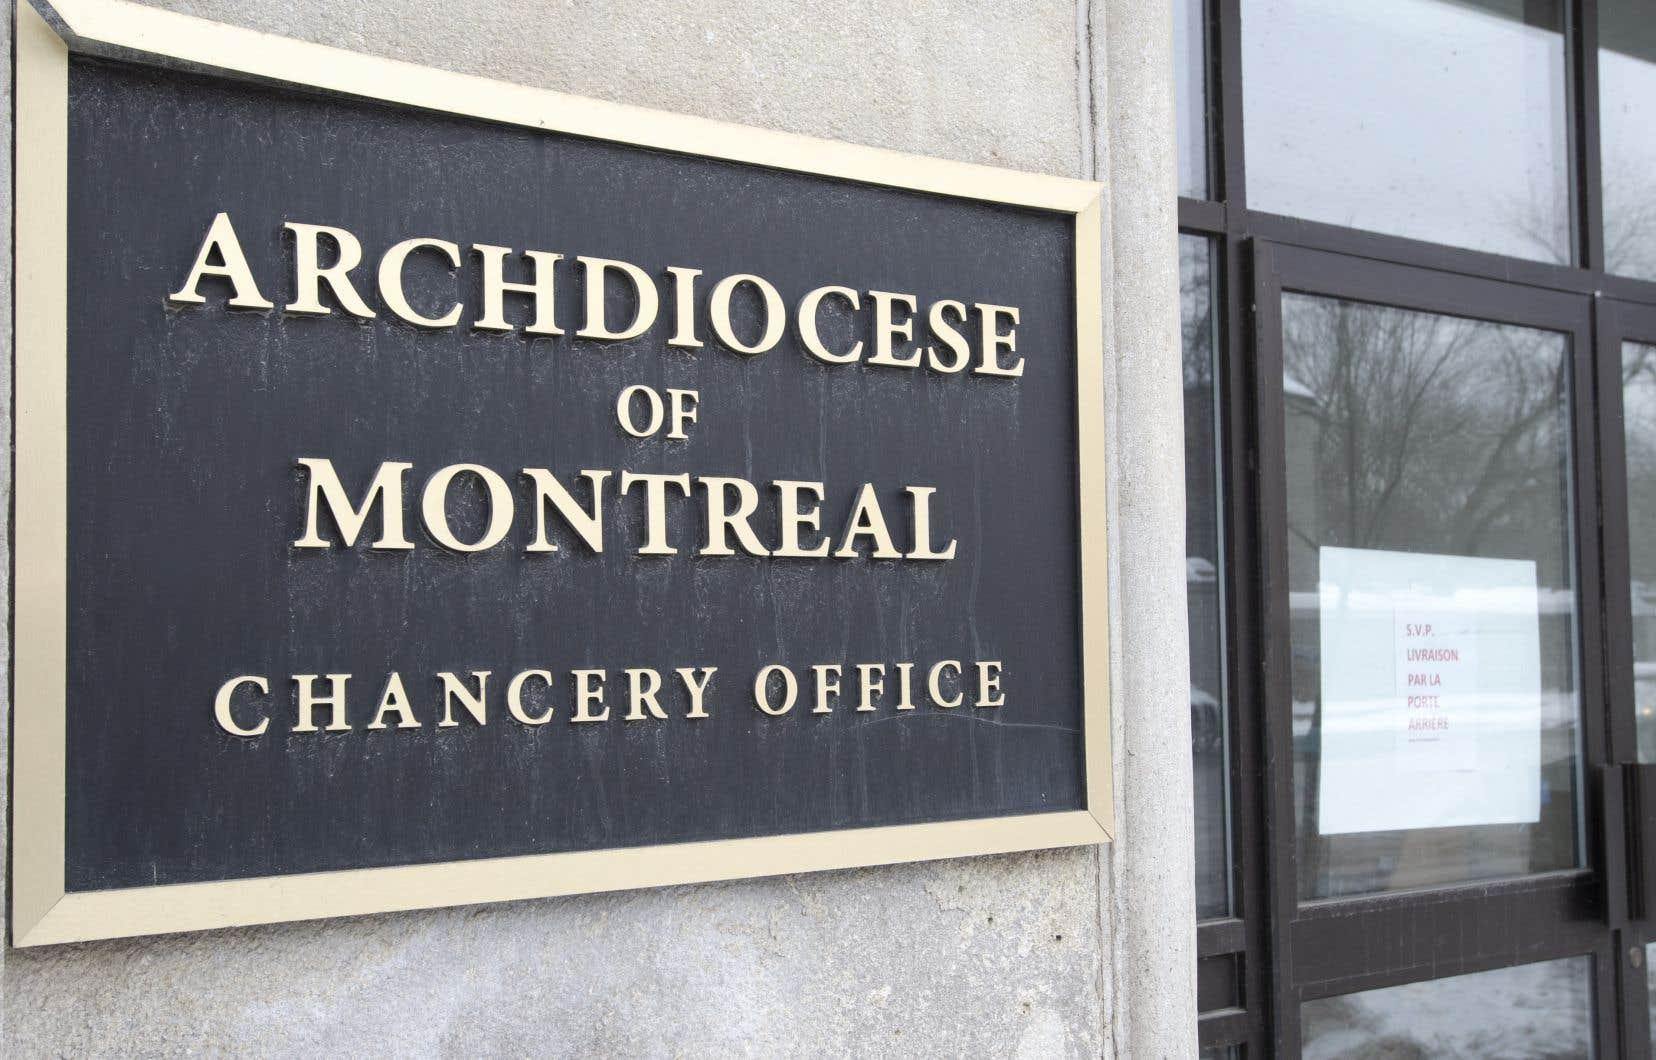 L'Archidiocèse de Montréal a annoncé lundi qu'il confie à l'ex-juge de la Cour supérieure André Denis un vaste et double mandat de recensement des tristes événements qui ont terni son passé et porté un dur coup à son image présente.